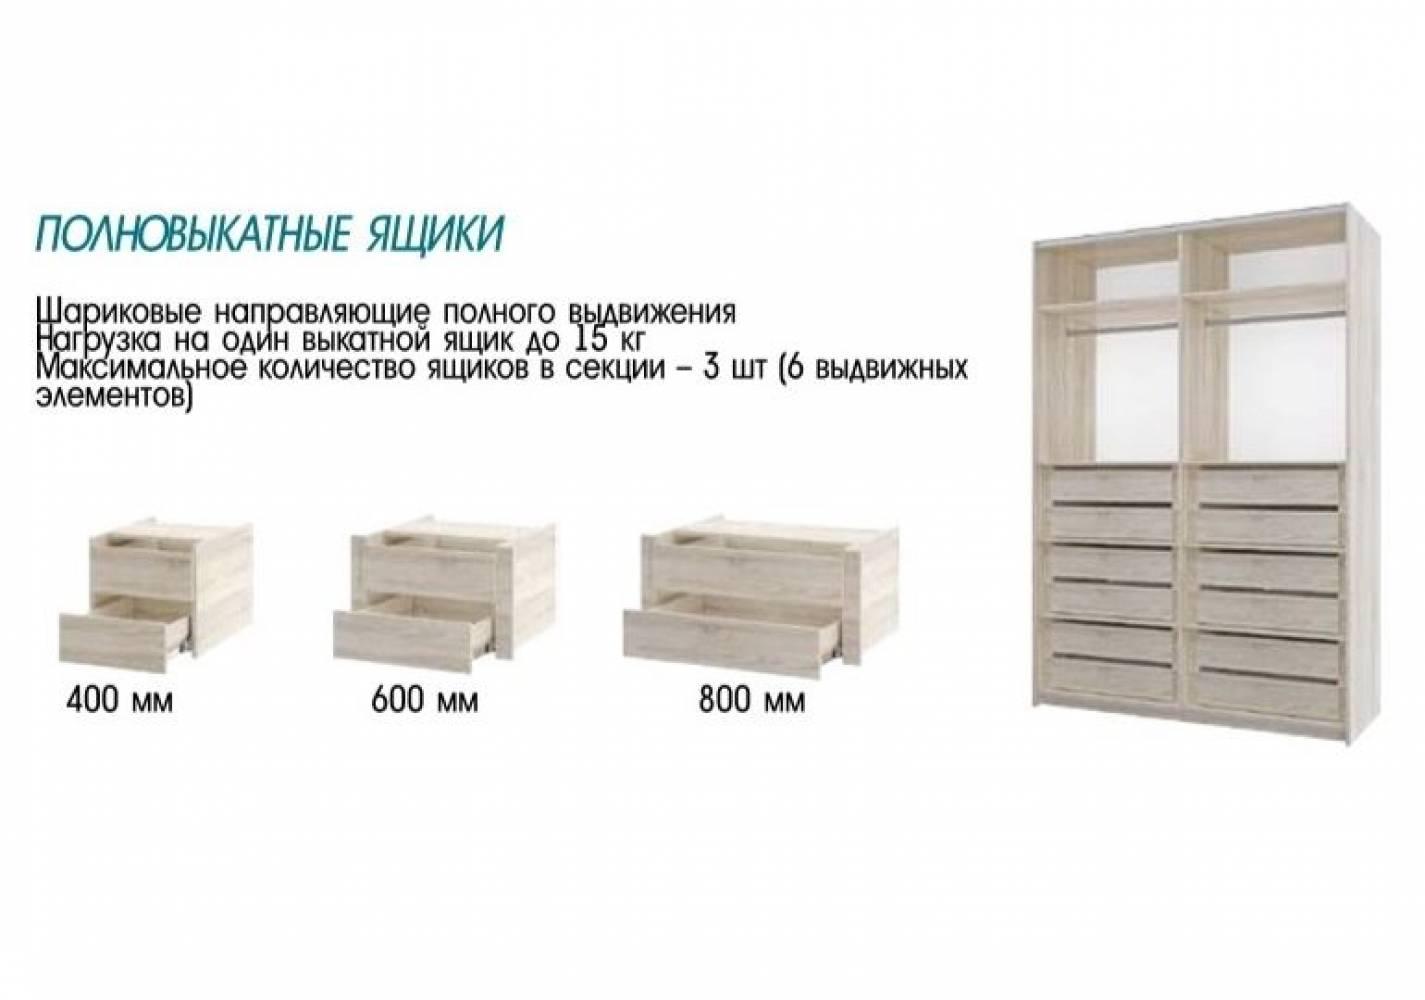 Шкаф Фортуна-1 (2400) 600/600/600/600